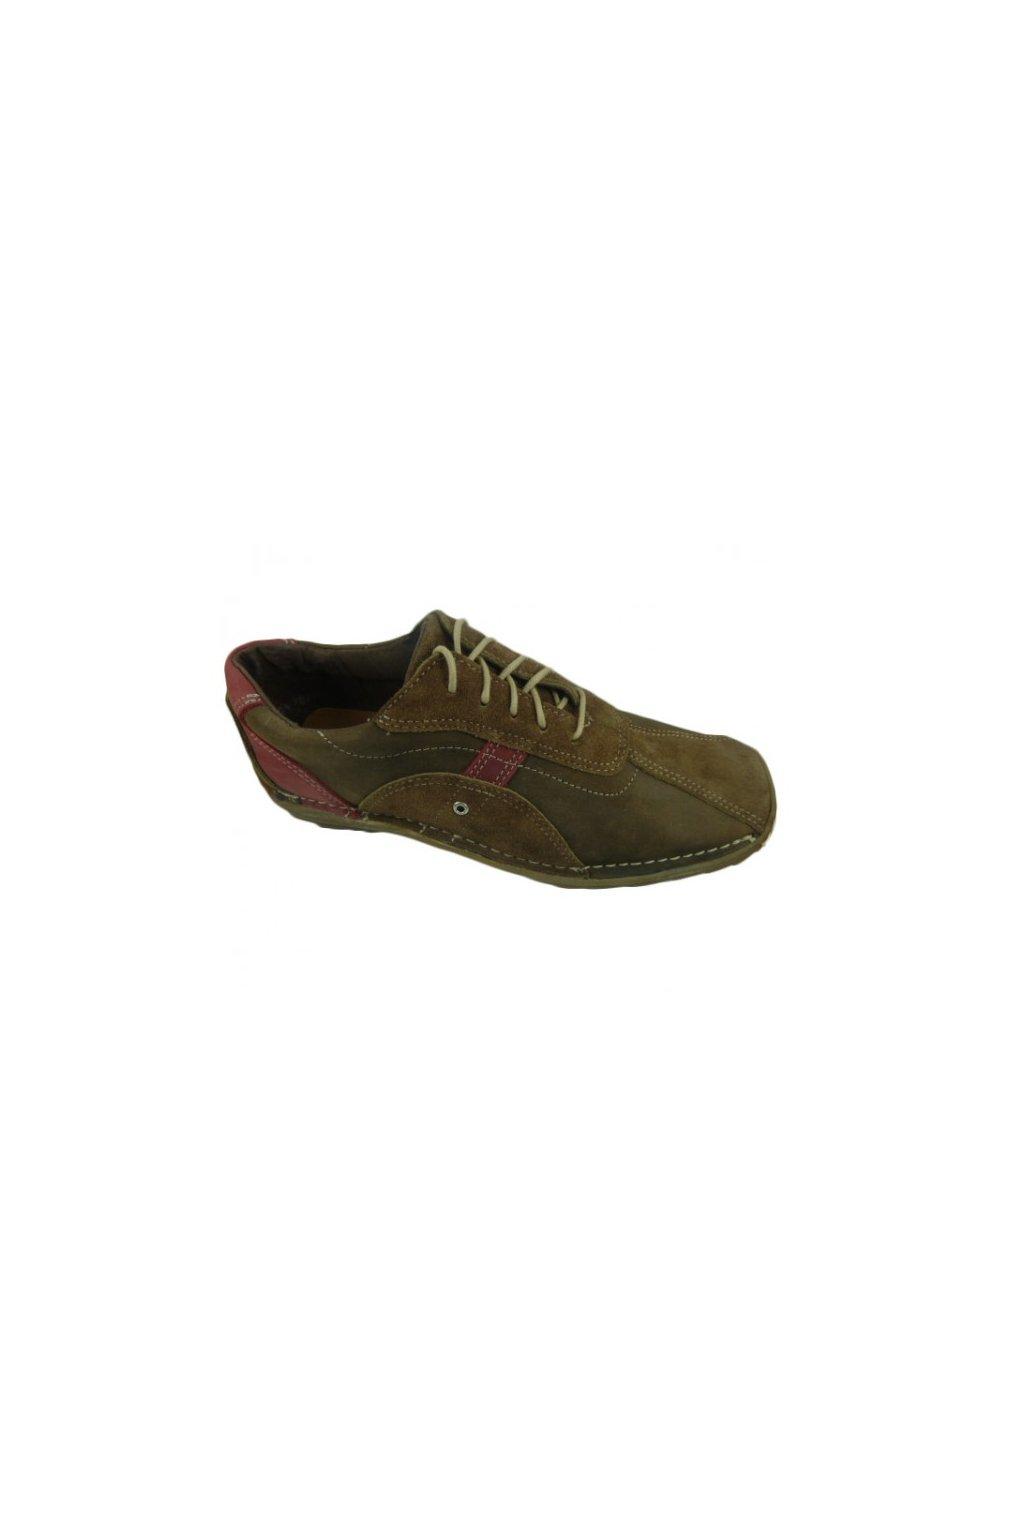 Podměrná pánská obuv Bent 490 hnědá